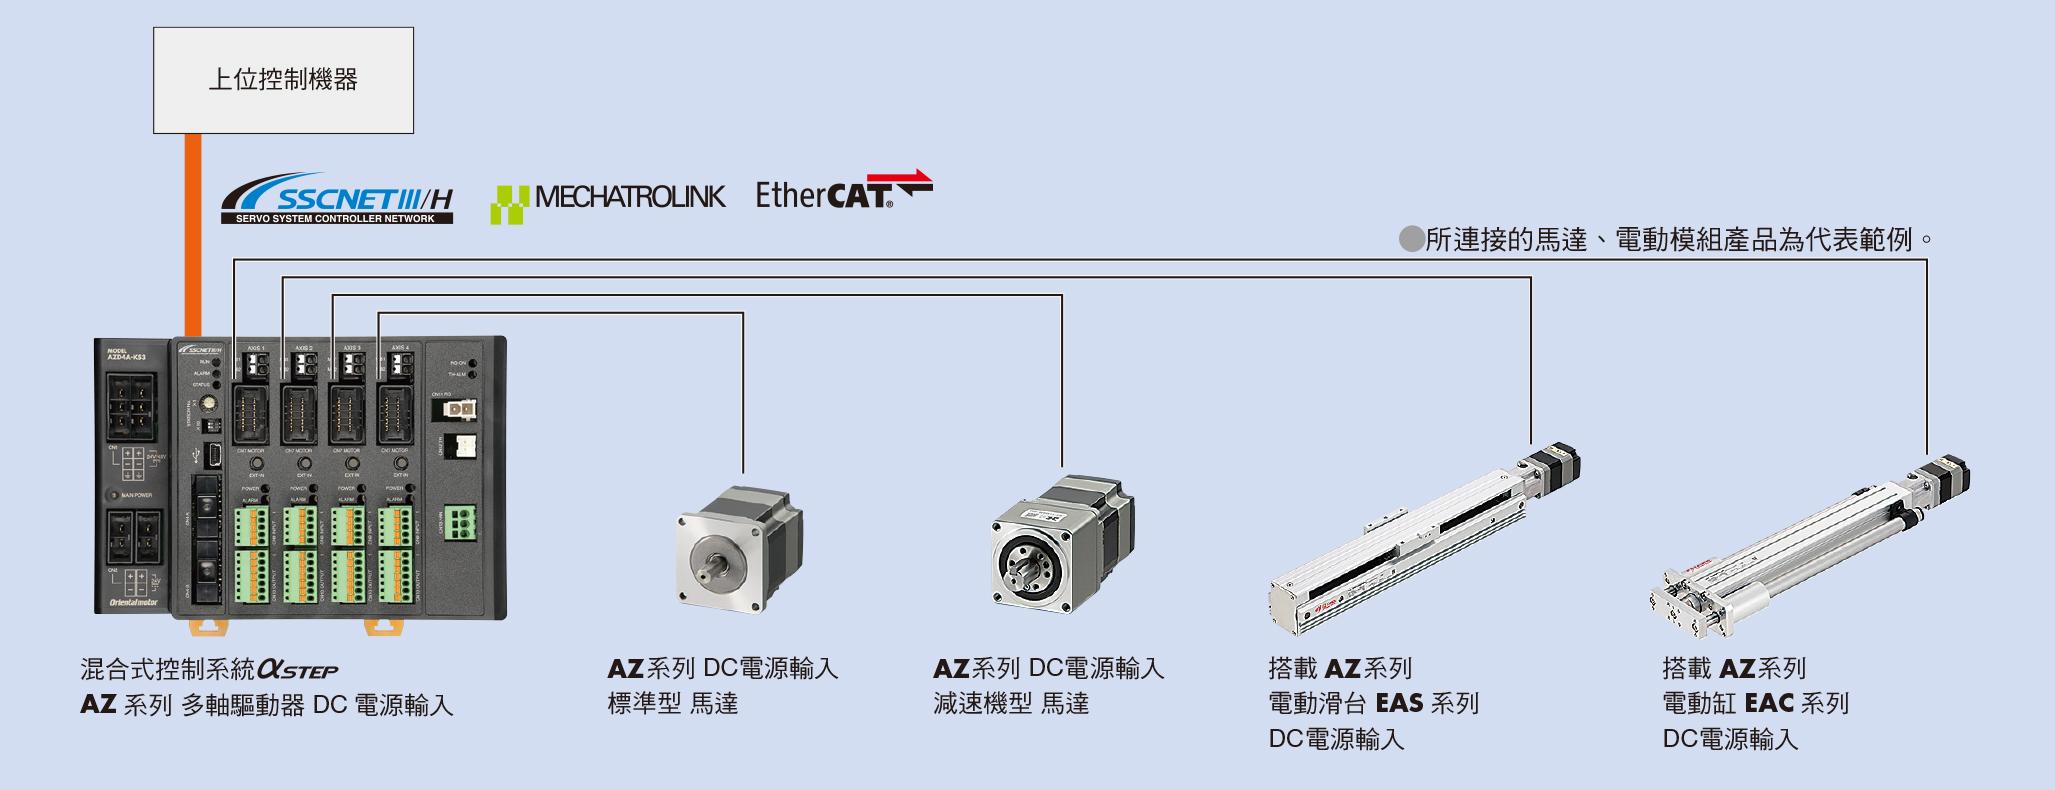 東方馬達 Oriental motor αSTEP 步進馬達 AZ 多軸驅動器